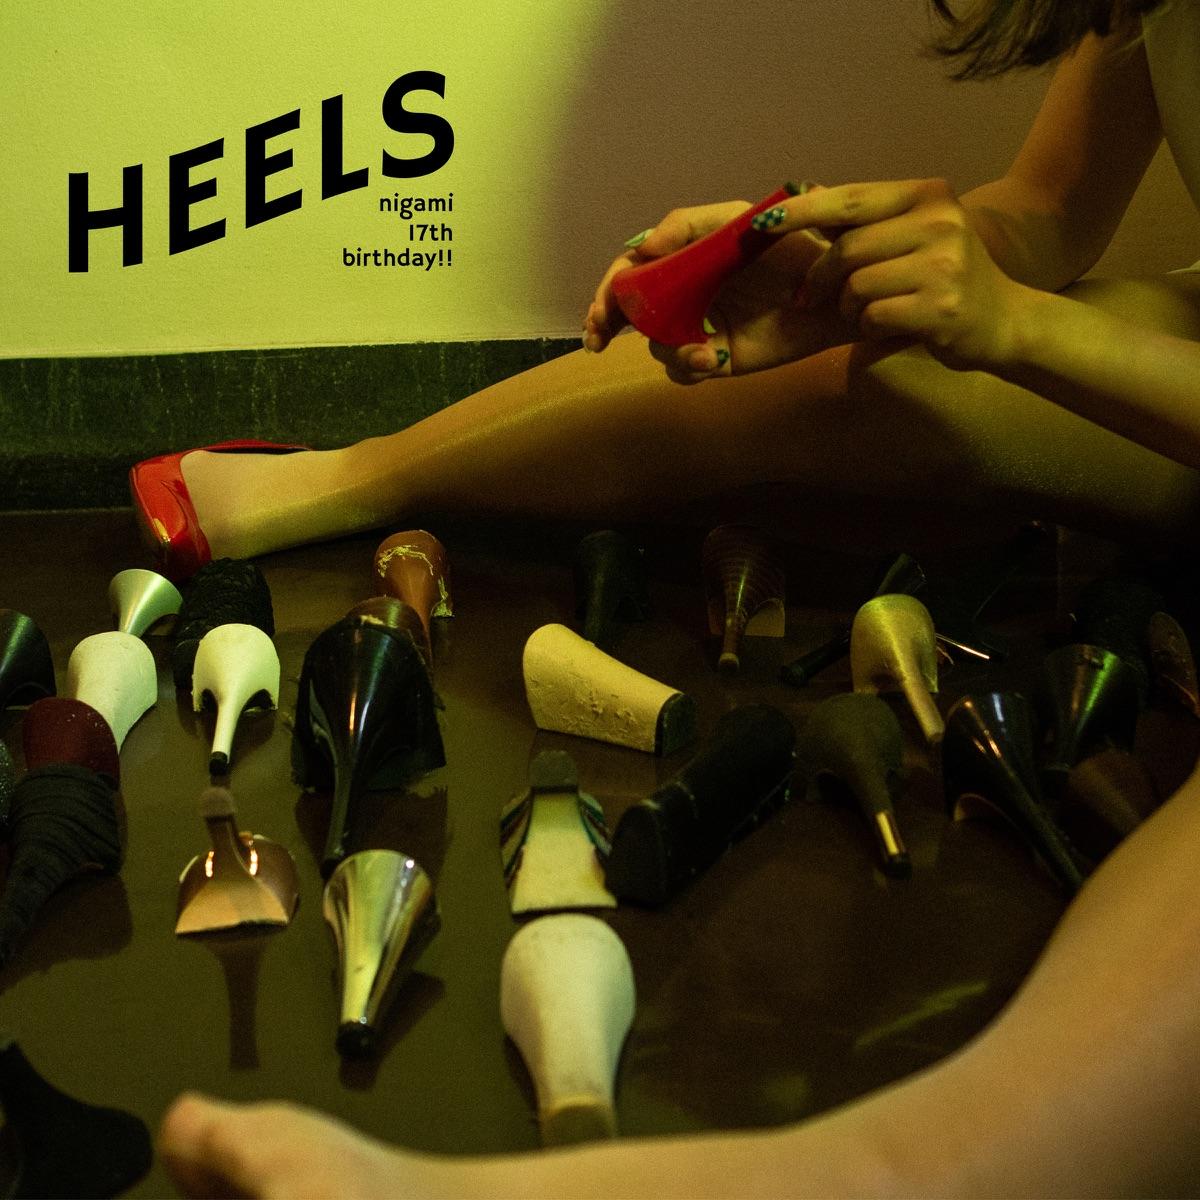 『ニガミ17才 - HEELS』収録の『HEELS』ジャケット